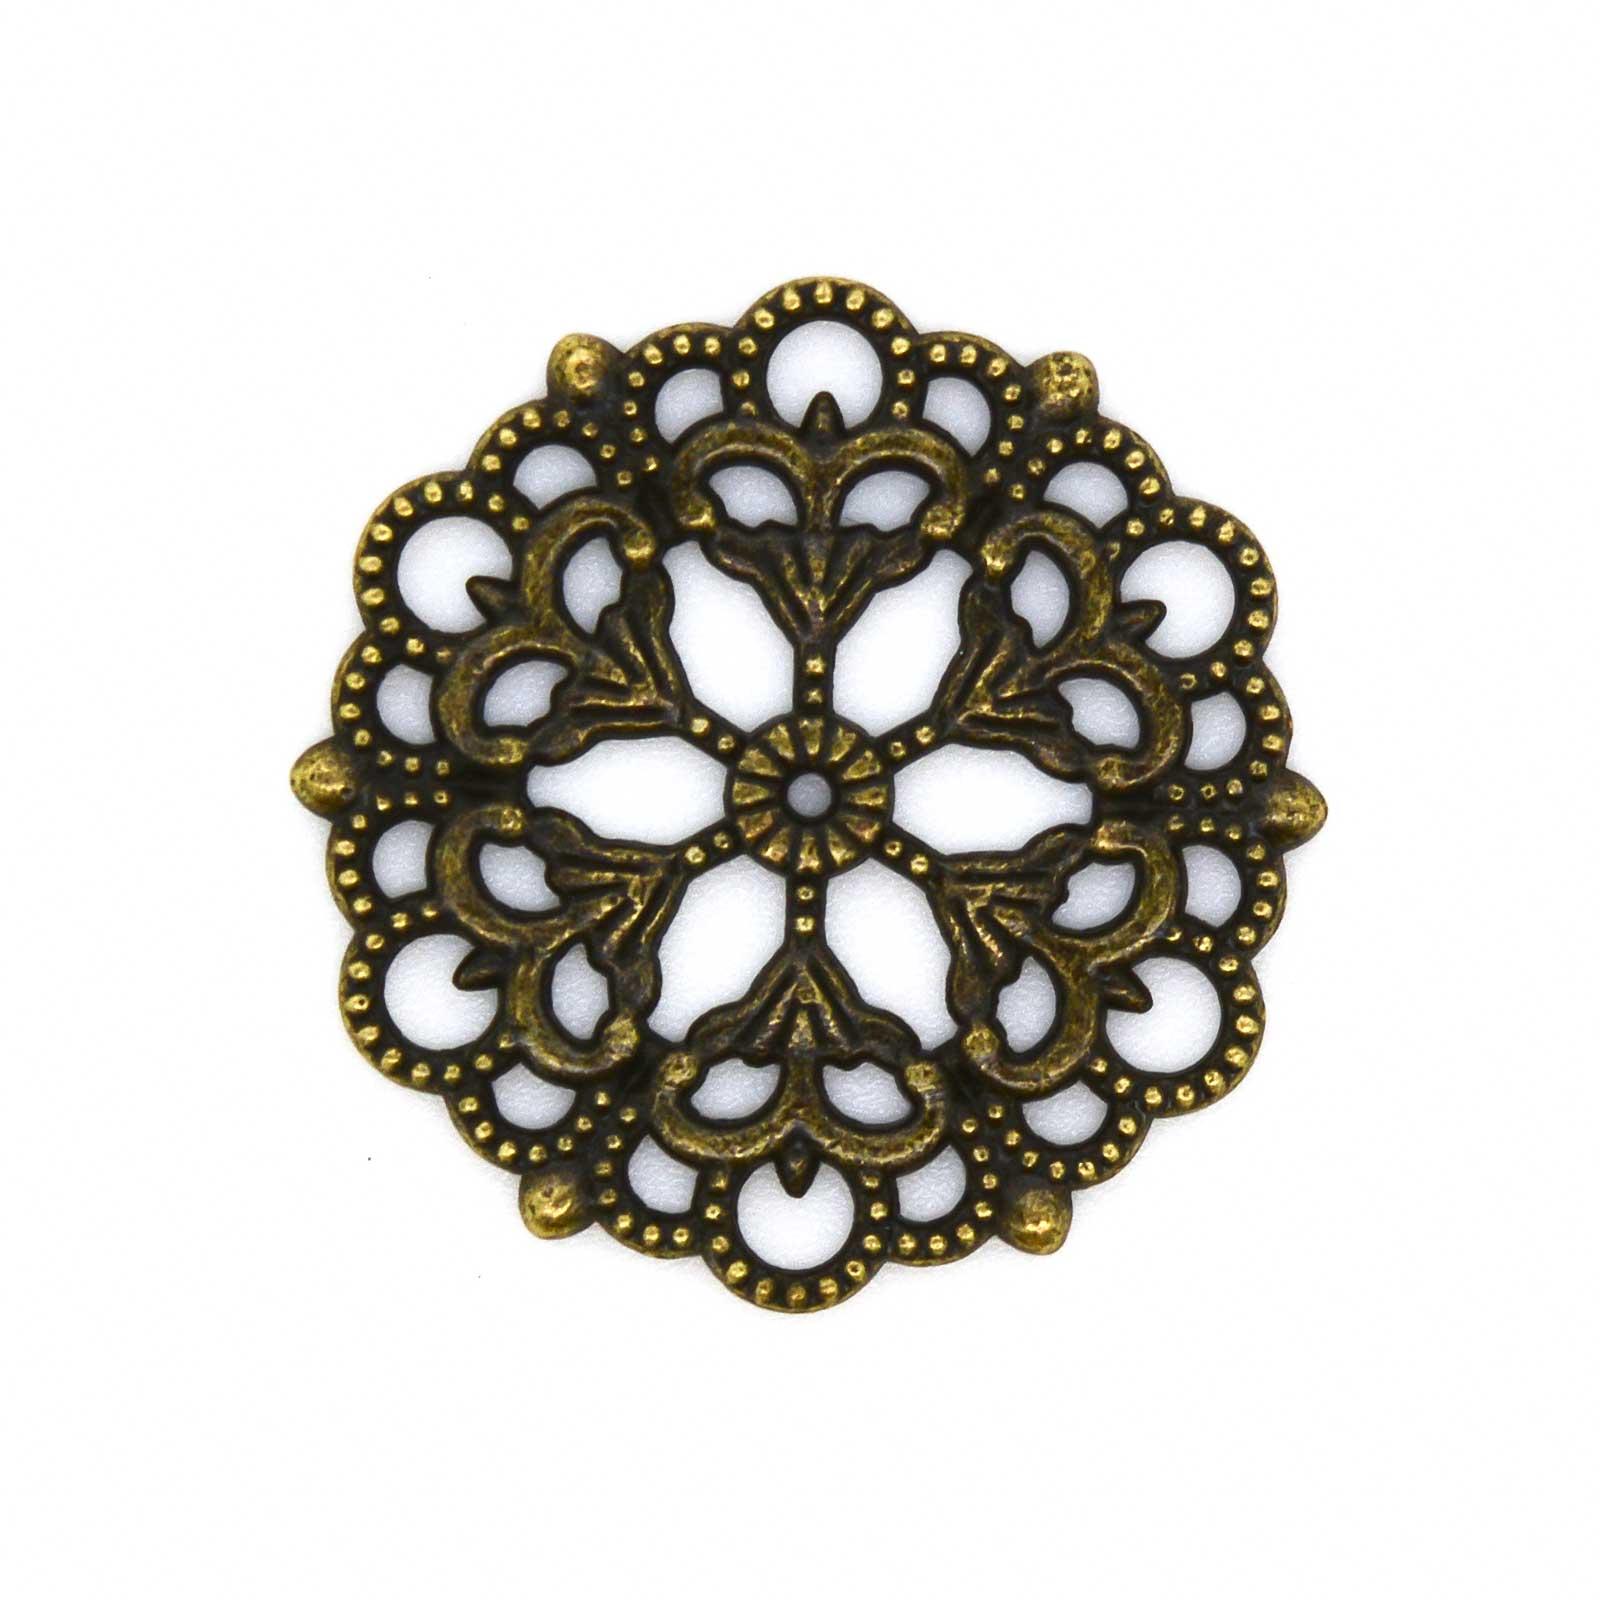 20 Deko-Ornament Verzierungen Blumenmotiv Scrapbooking, Ø29mm, antik bronze – Bild 1